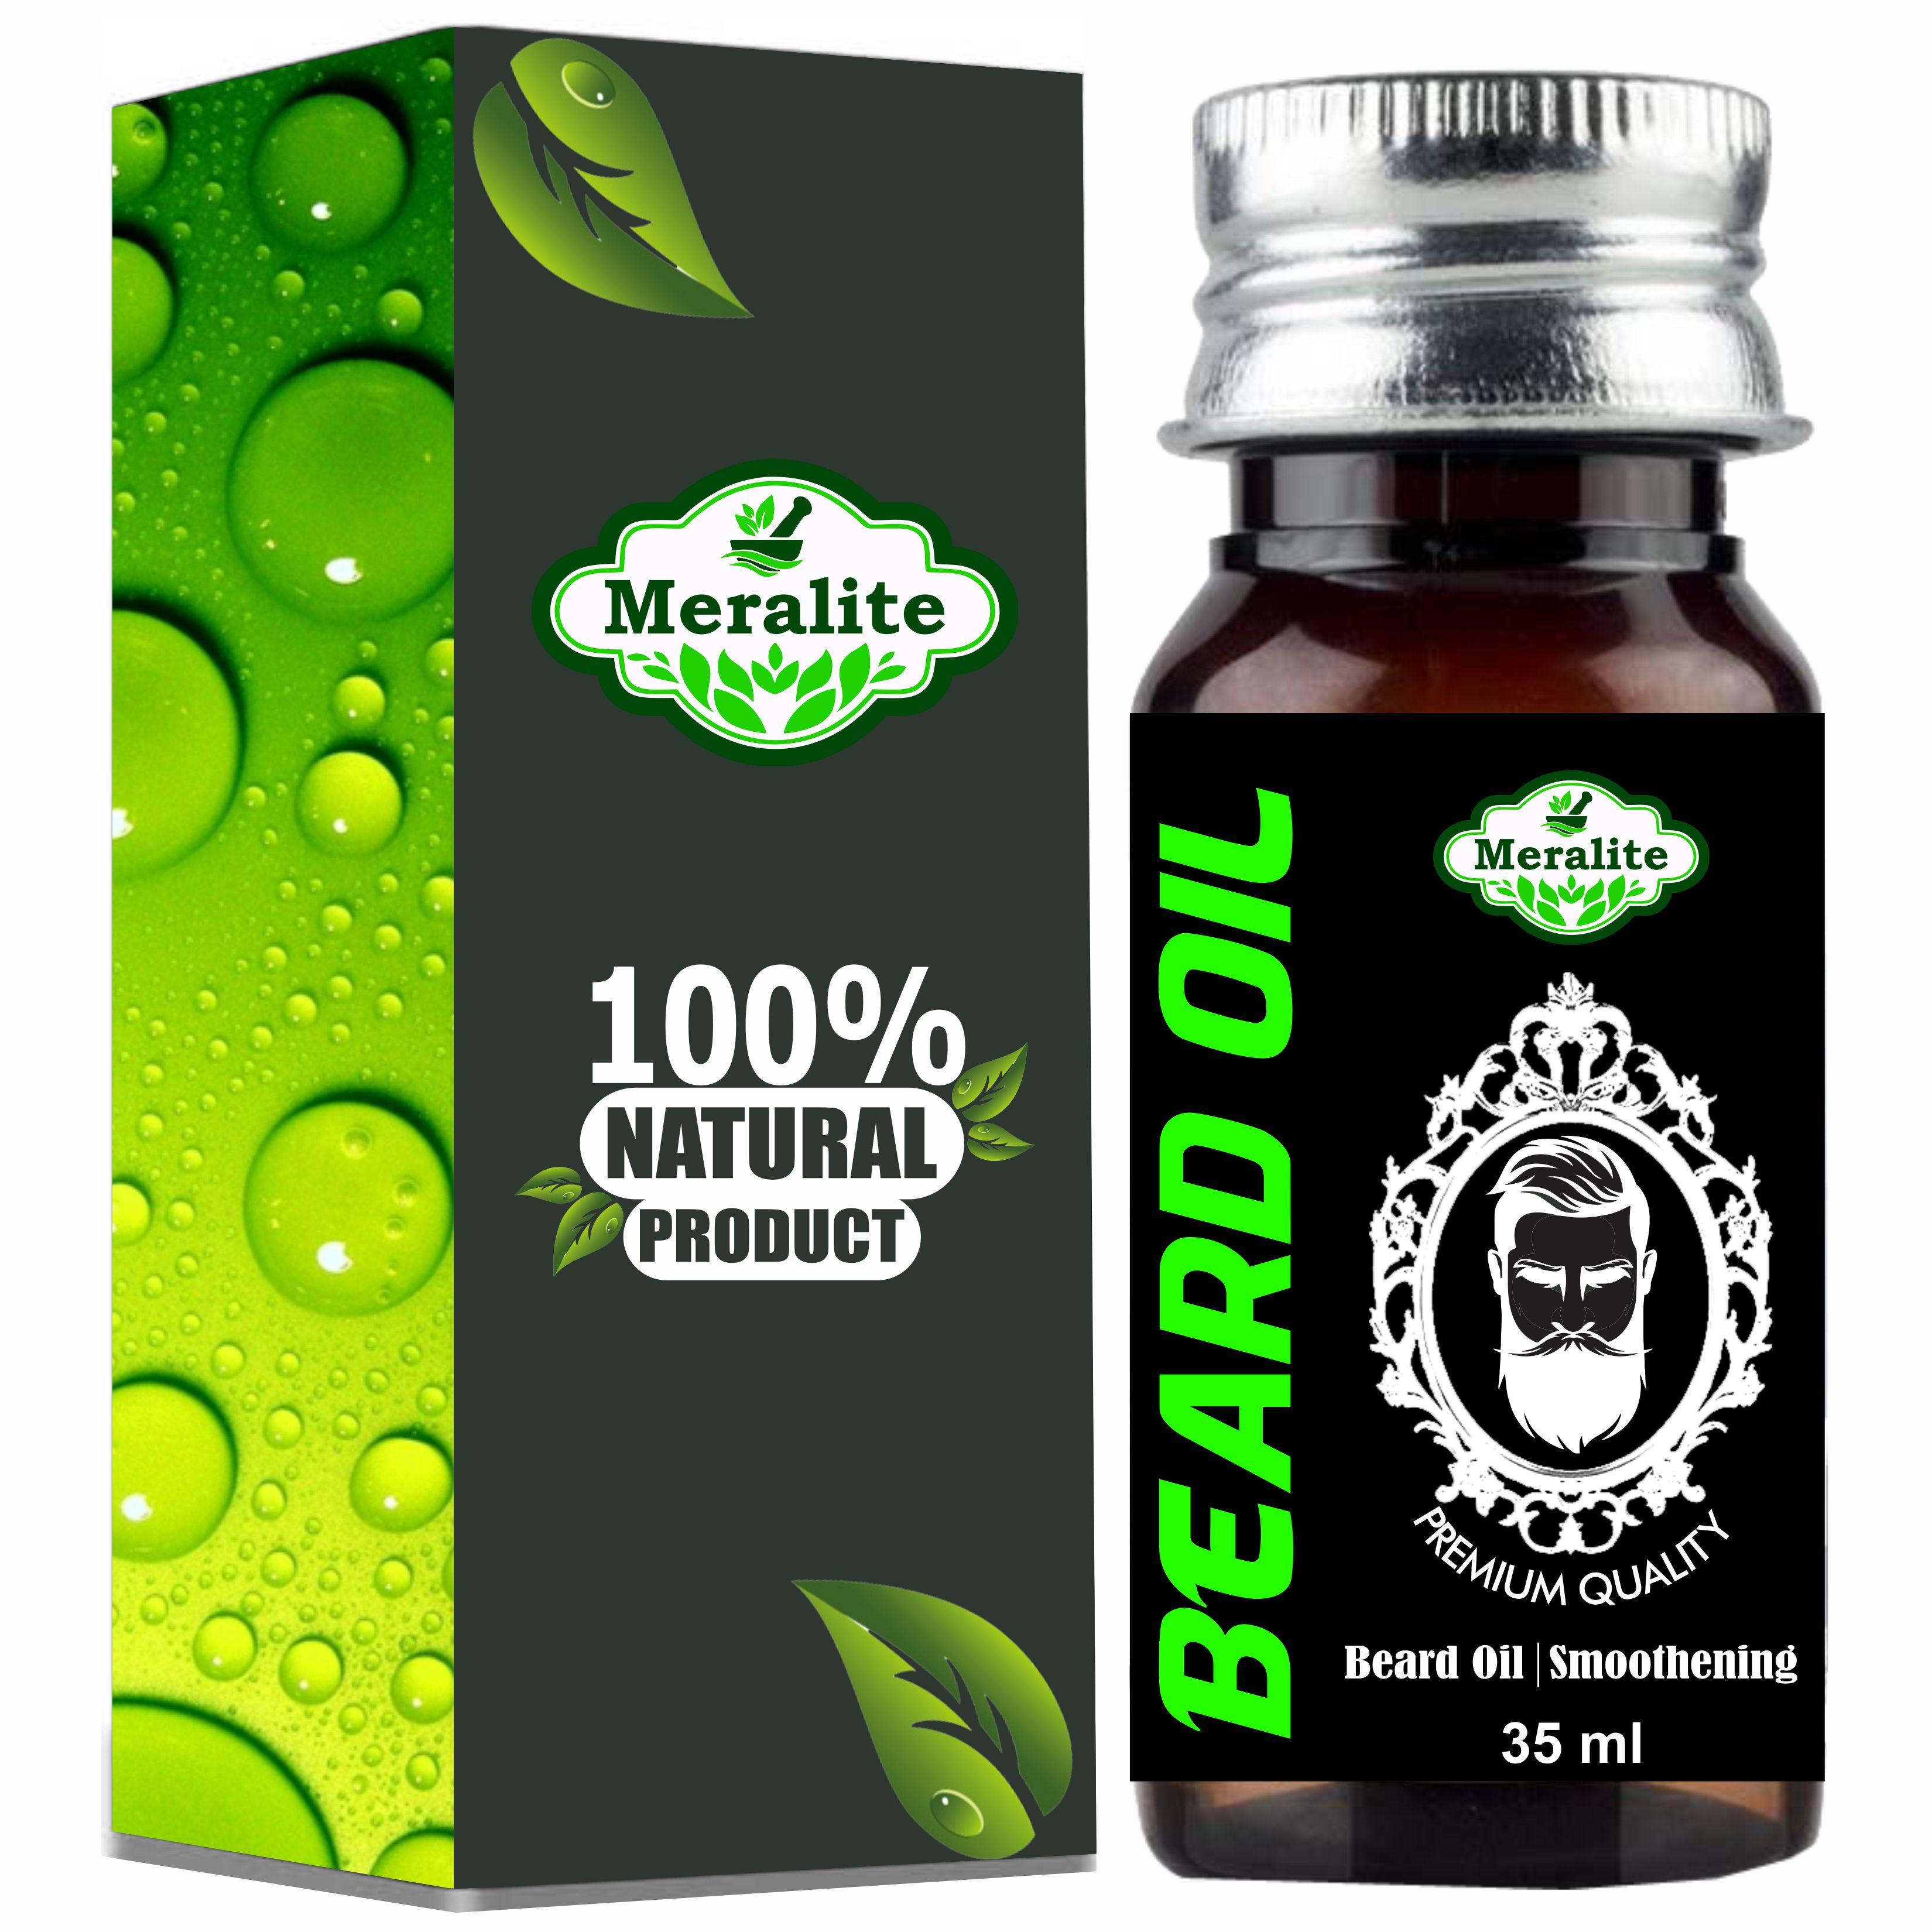 Meralite Professionals Choice Beard Growth Oil Hair Oil  35 ml   ML ROZY BEARD 35ML